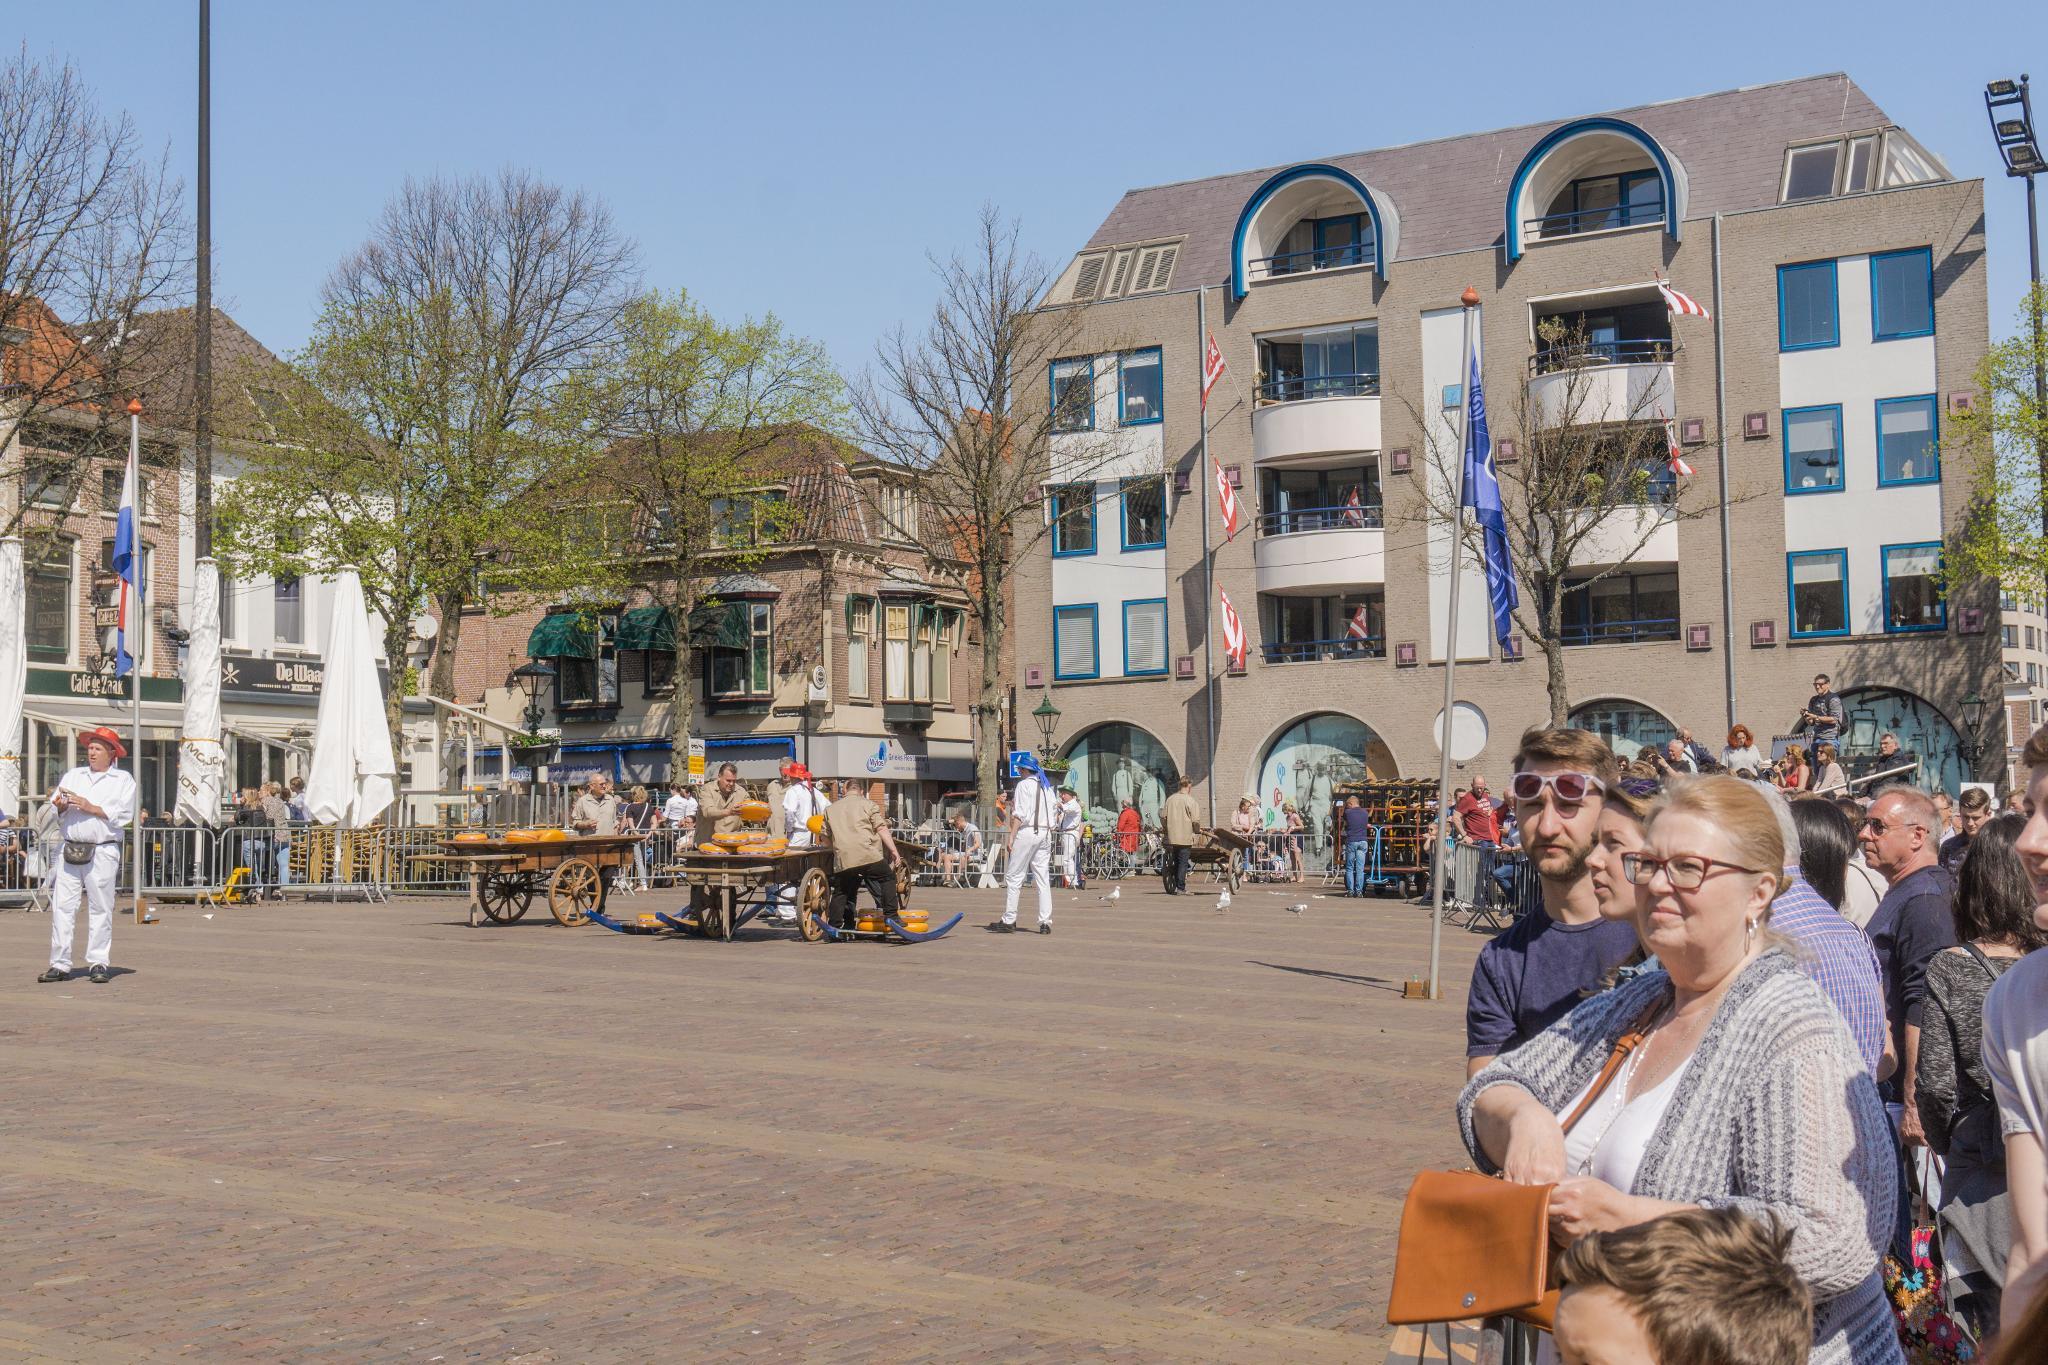 【荷蘭印象】體驗道地的荷式風情 — Alkmaar 起司市集 散步路線整理 27